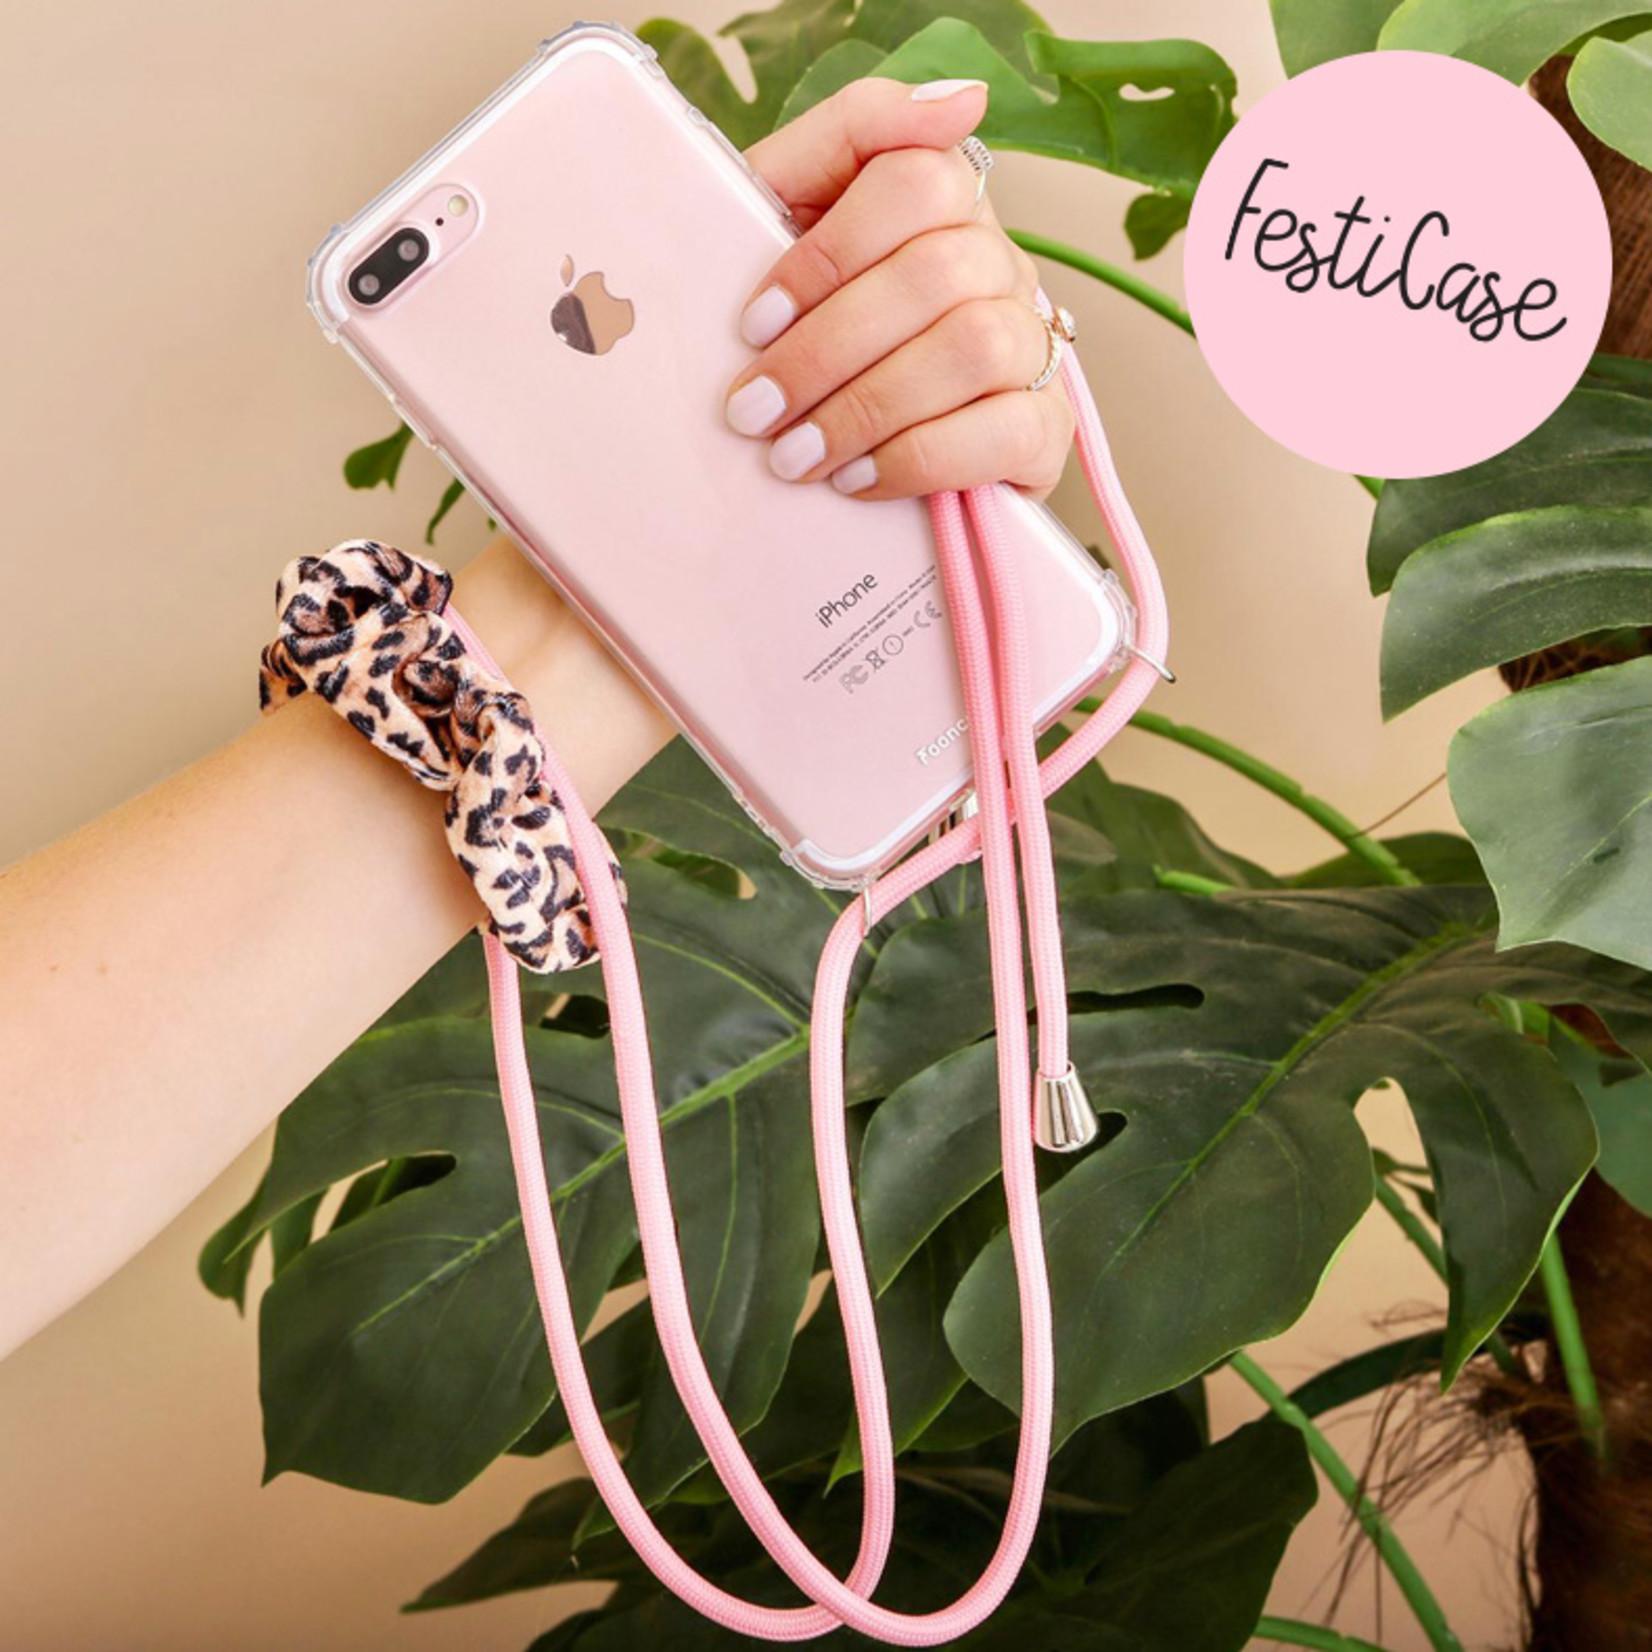 FOONCASE IPhone 11 Pro Max - Festicase Rosa (Handyhülle mit Band)